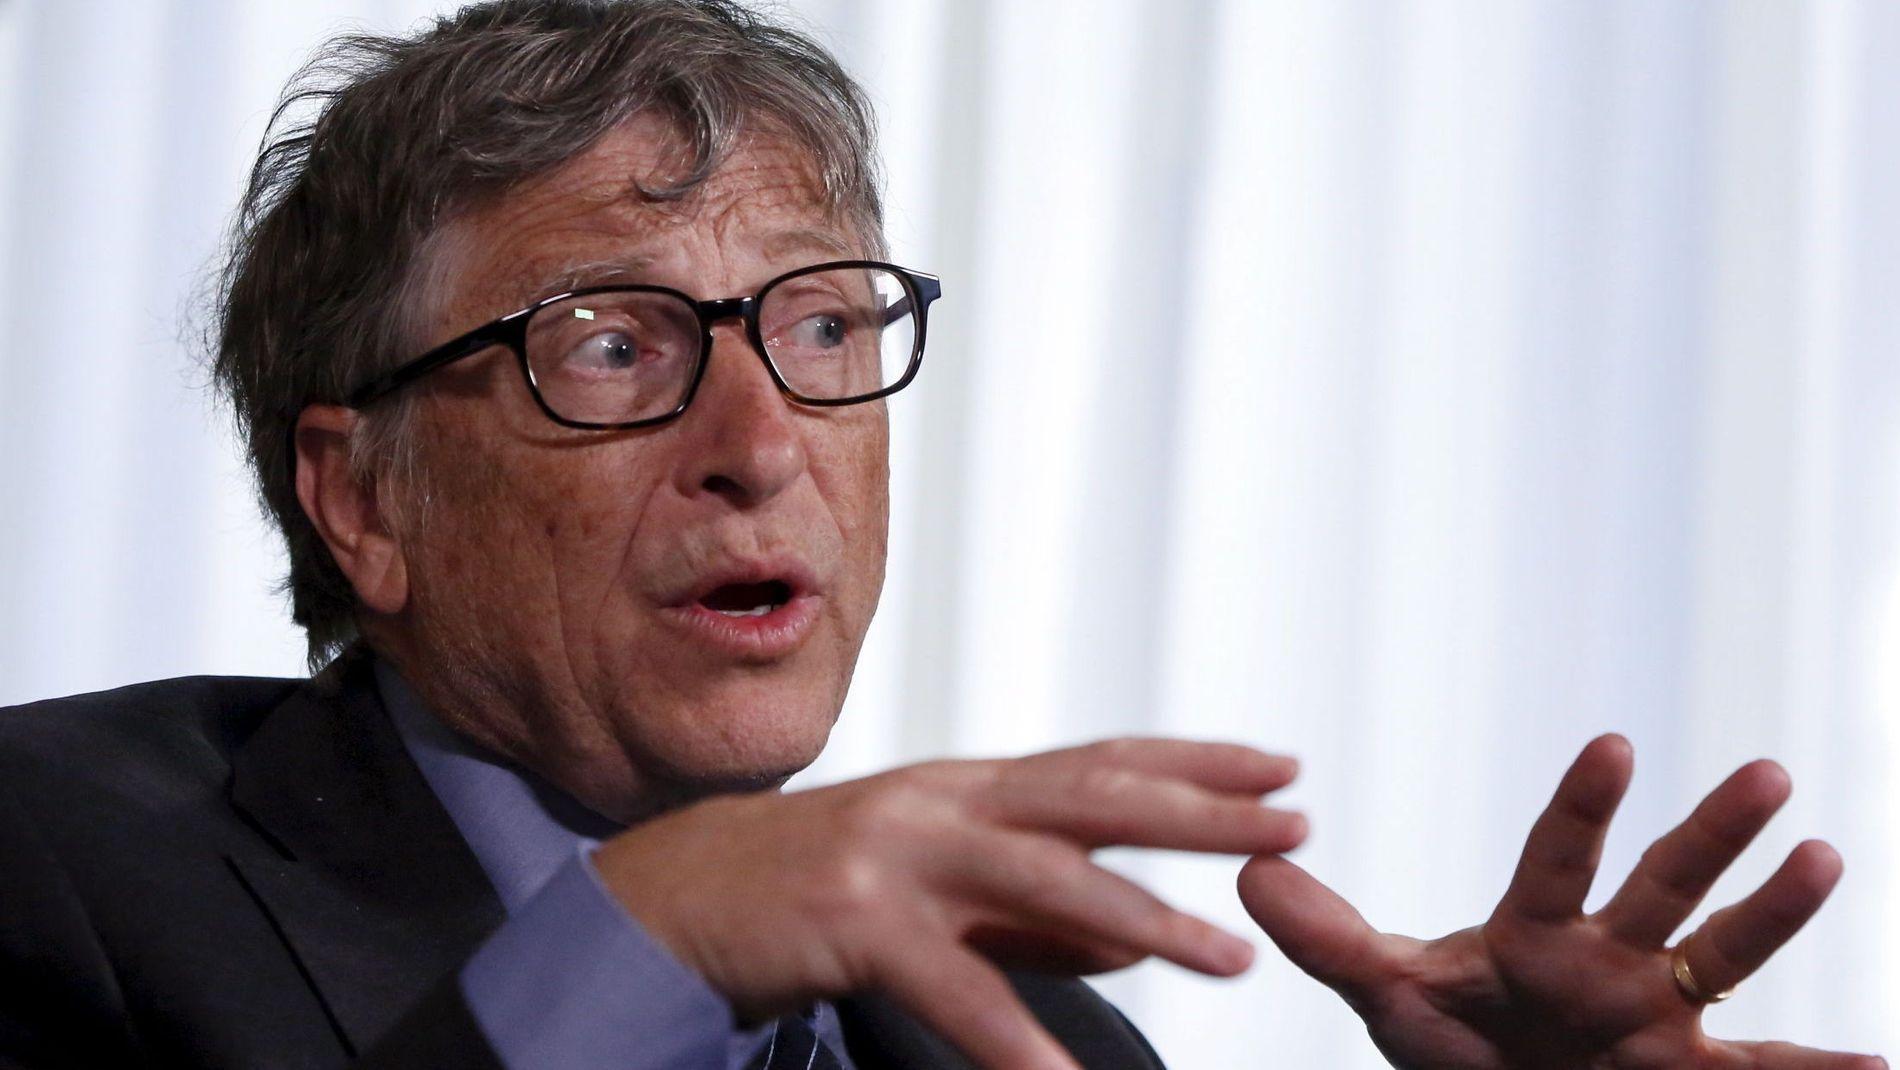 FORTSATT RIKEST AV DE SUPERRIKE: Bill Gates er fortsatt den rikeste mannen på kloden, ifølge Forbes-listen. Han har imidlertid også fått minsket formuen sin det siste året.